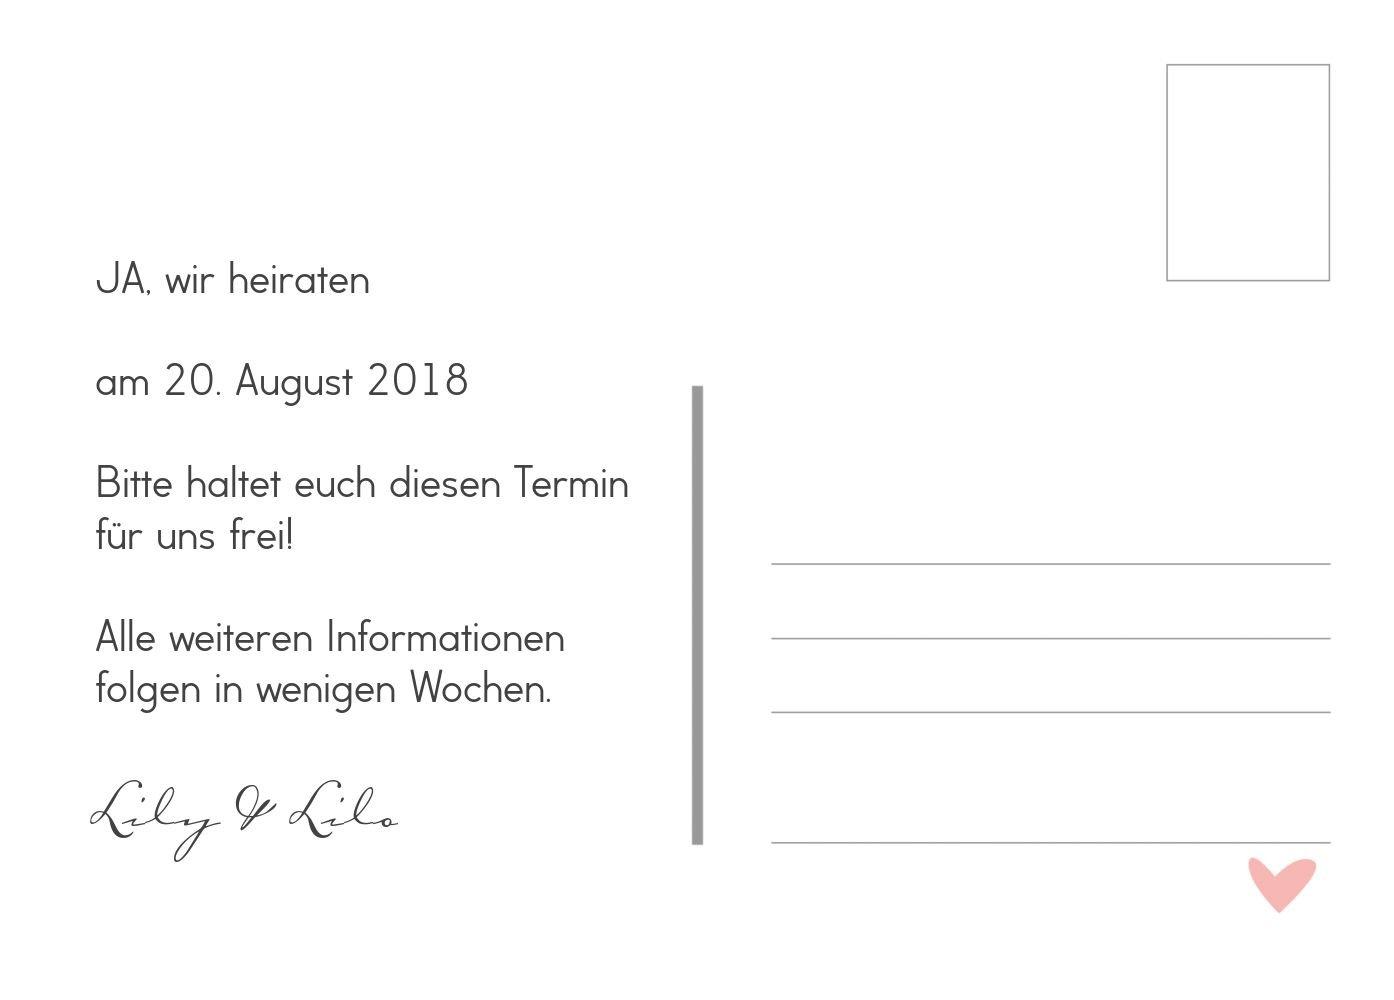 Save-the-Date Pärchen - - - Frauen, 30 Karten, Weiß B07B6NHC98 Postkarten Sehr gute Qualität fc35f8